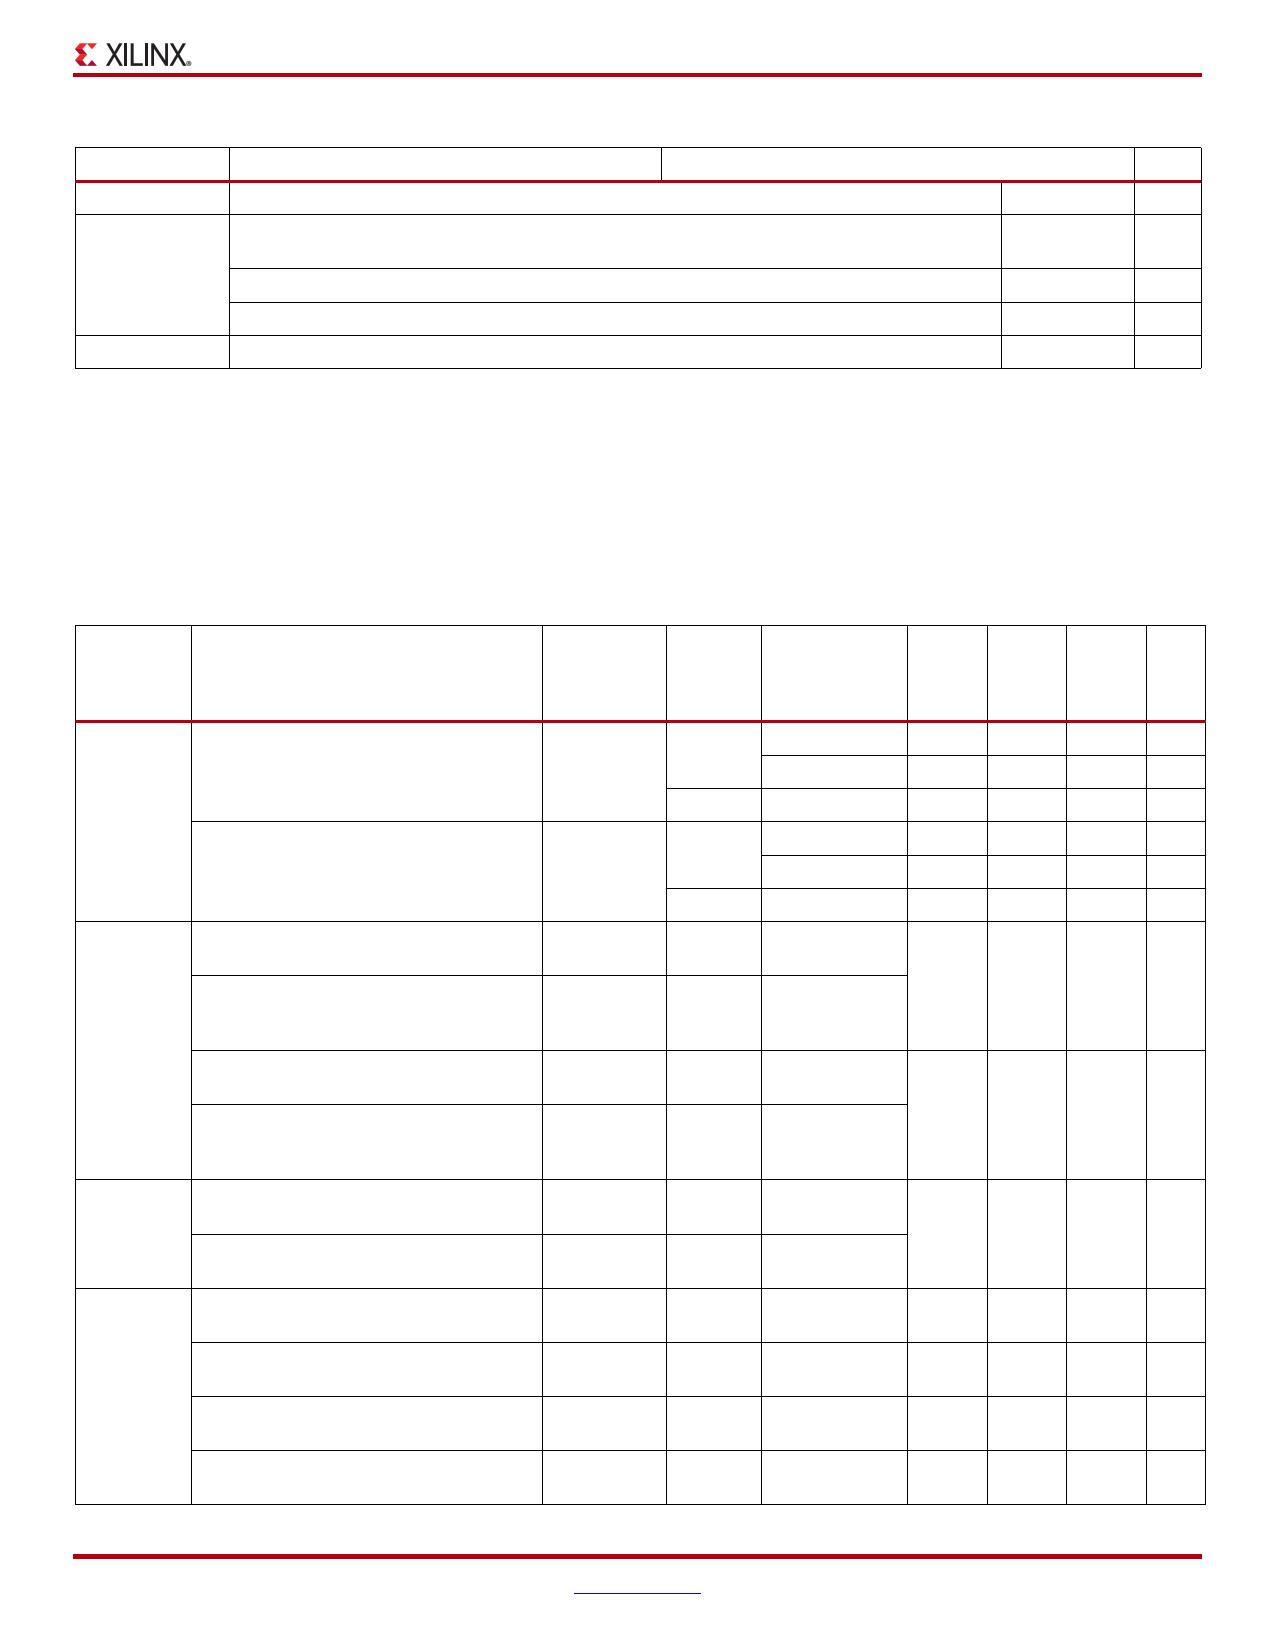 XC6SLX25 data sheet